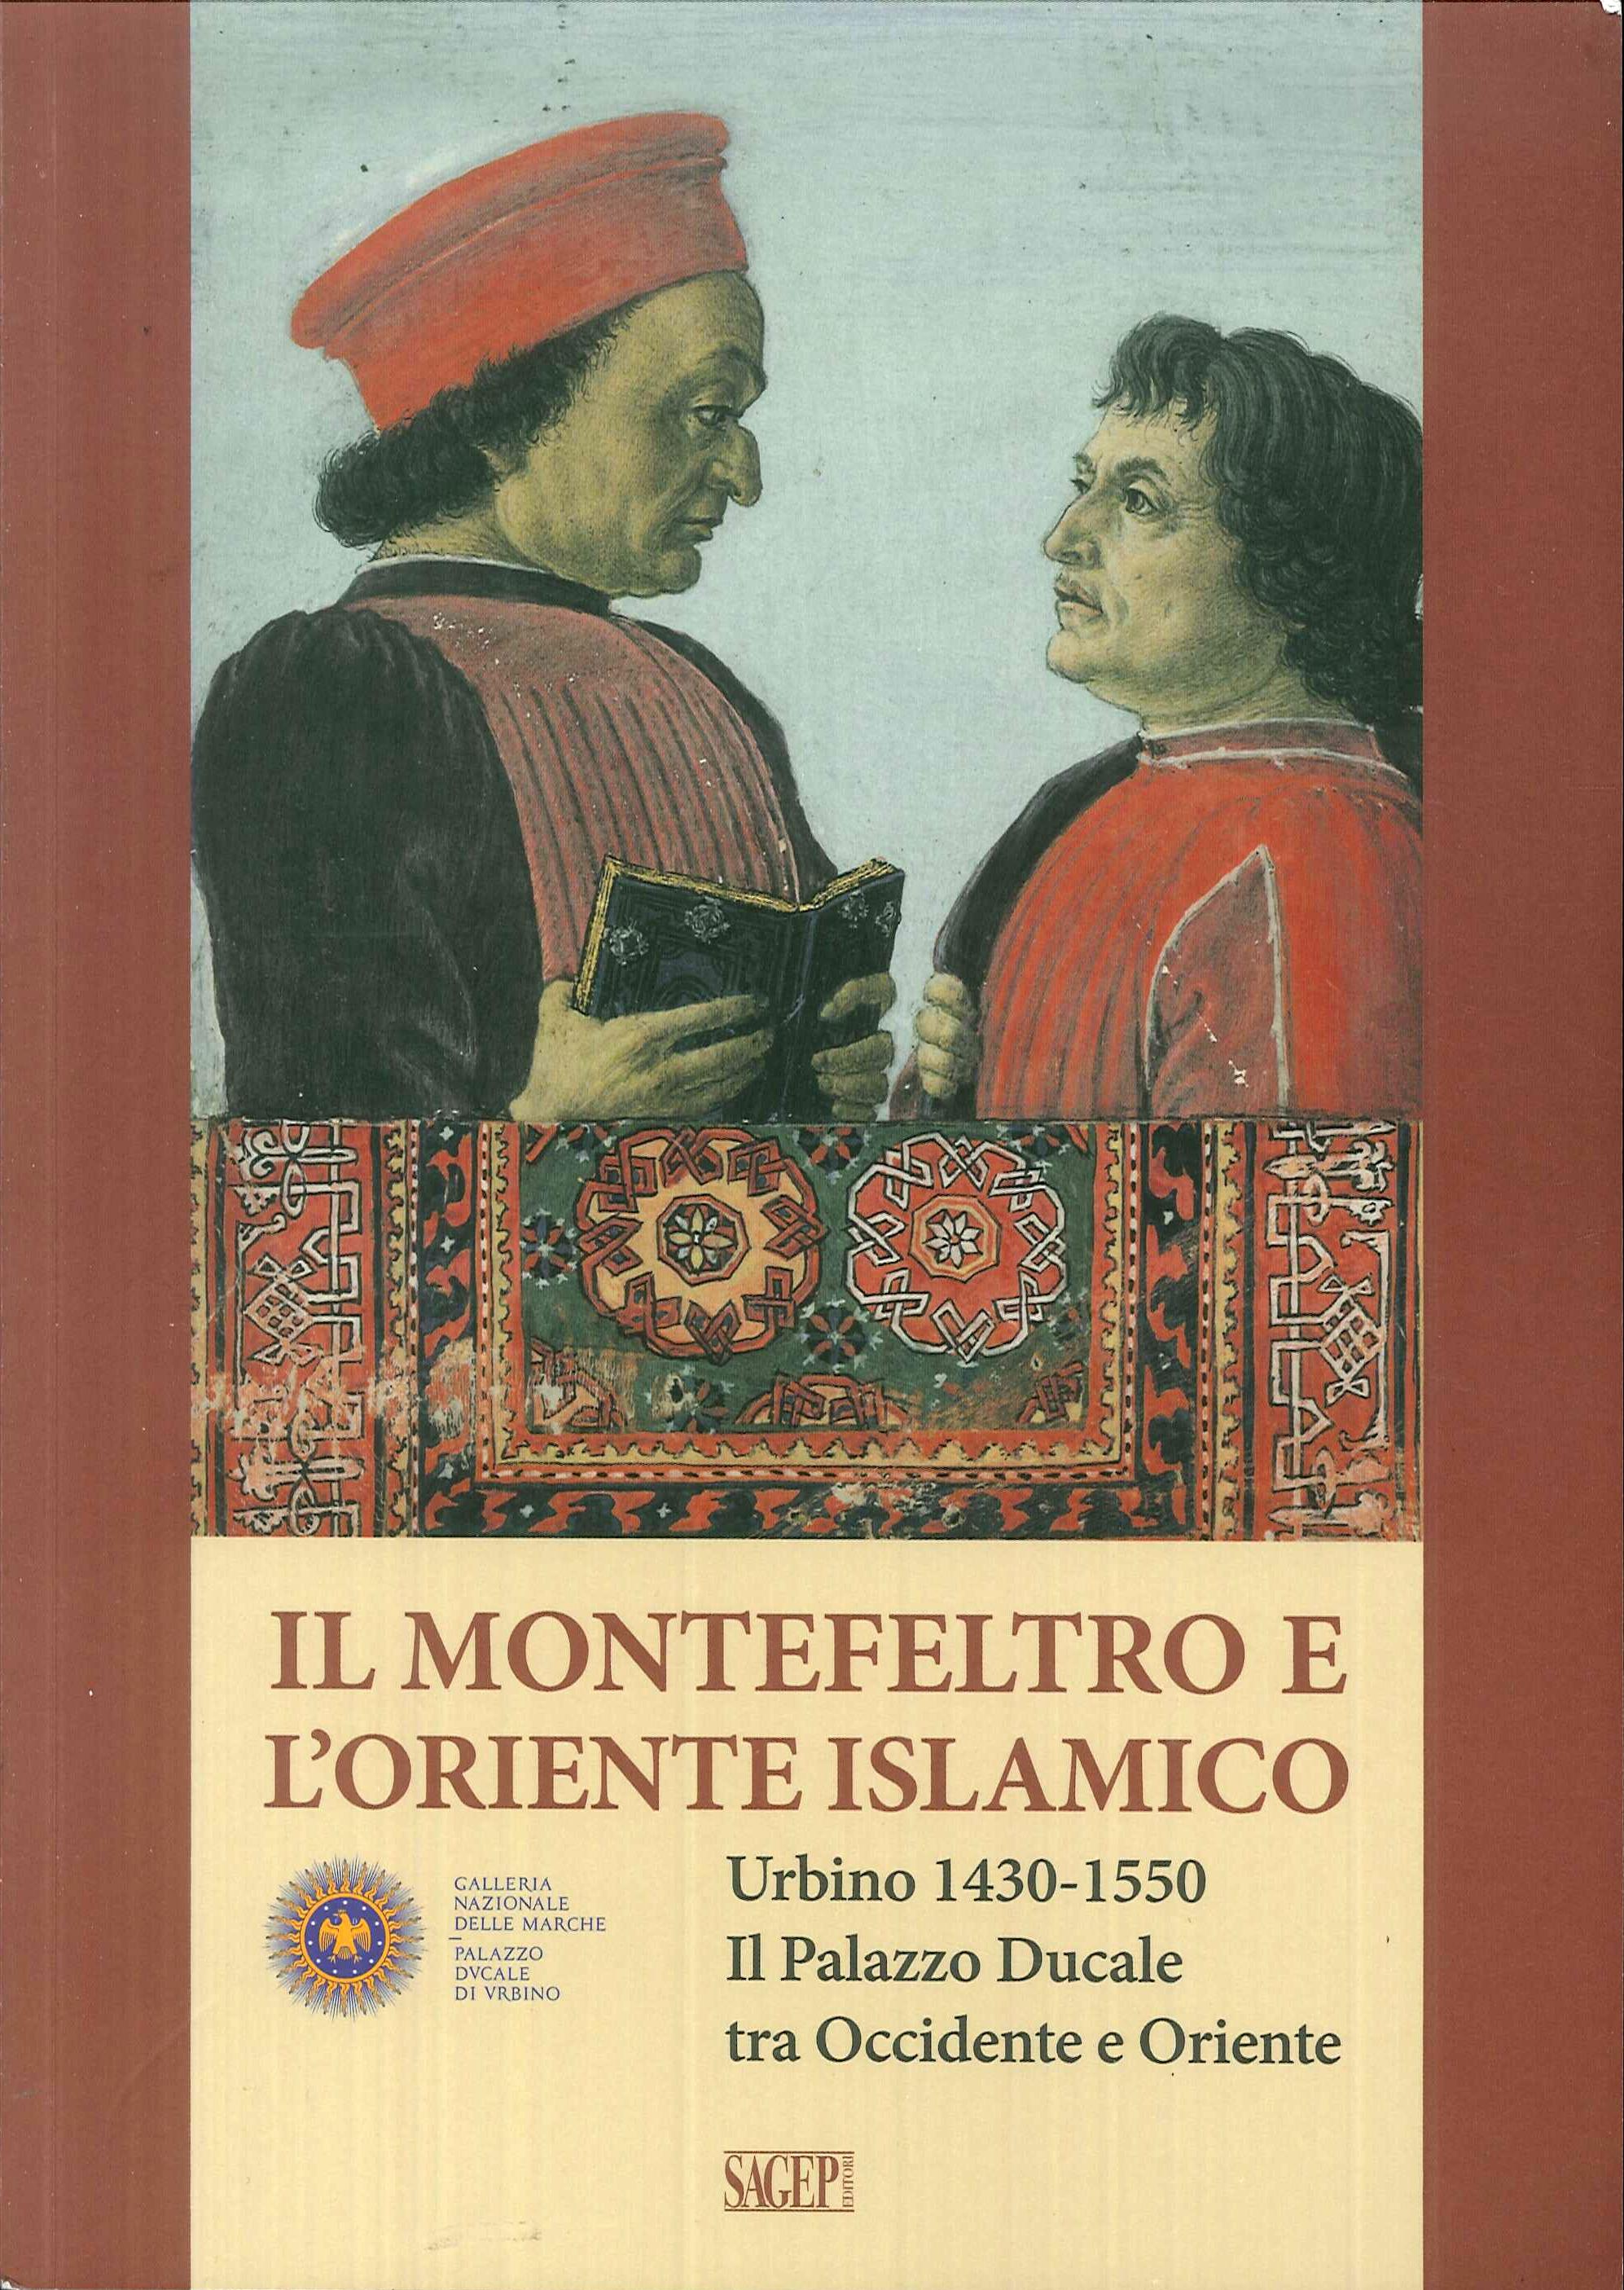 Il Montefeltro e l'oriente islamico. Urbino 1430-1550. Il Palazzo Ducale tra Occidente e Oriente. The Montefeltro and the Islamic East